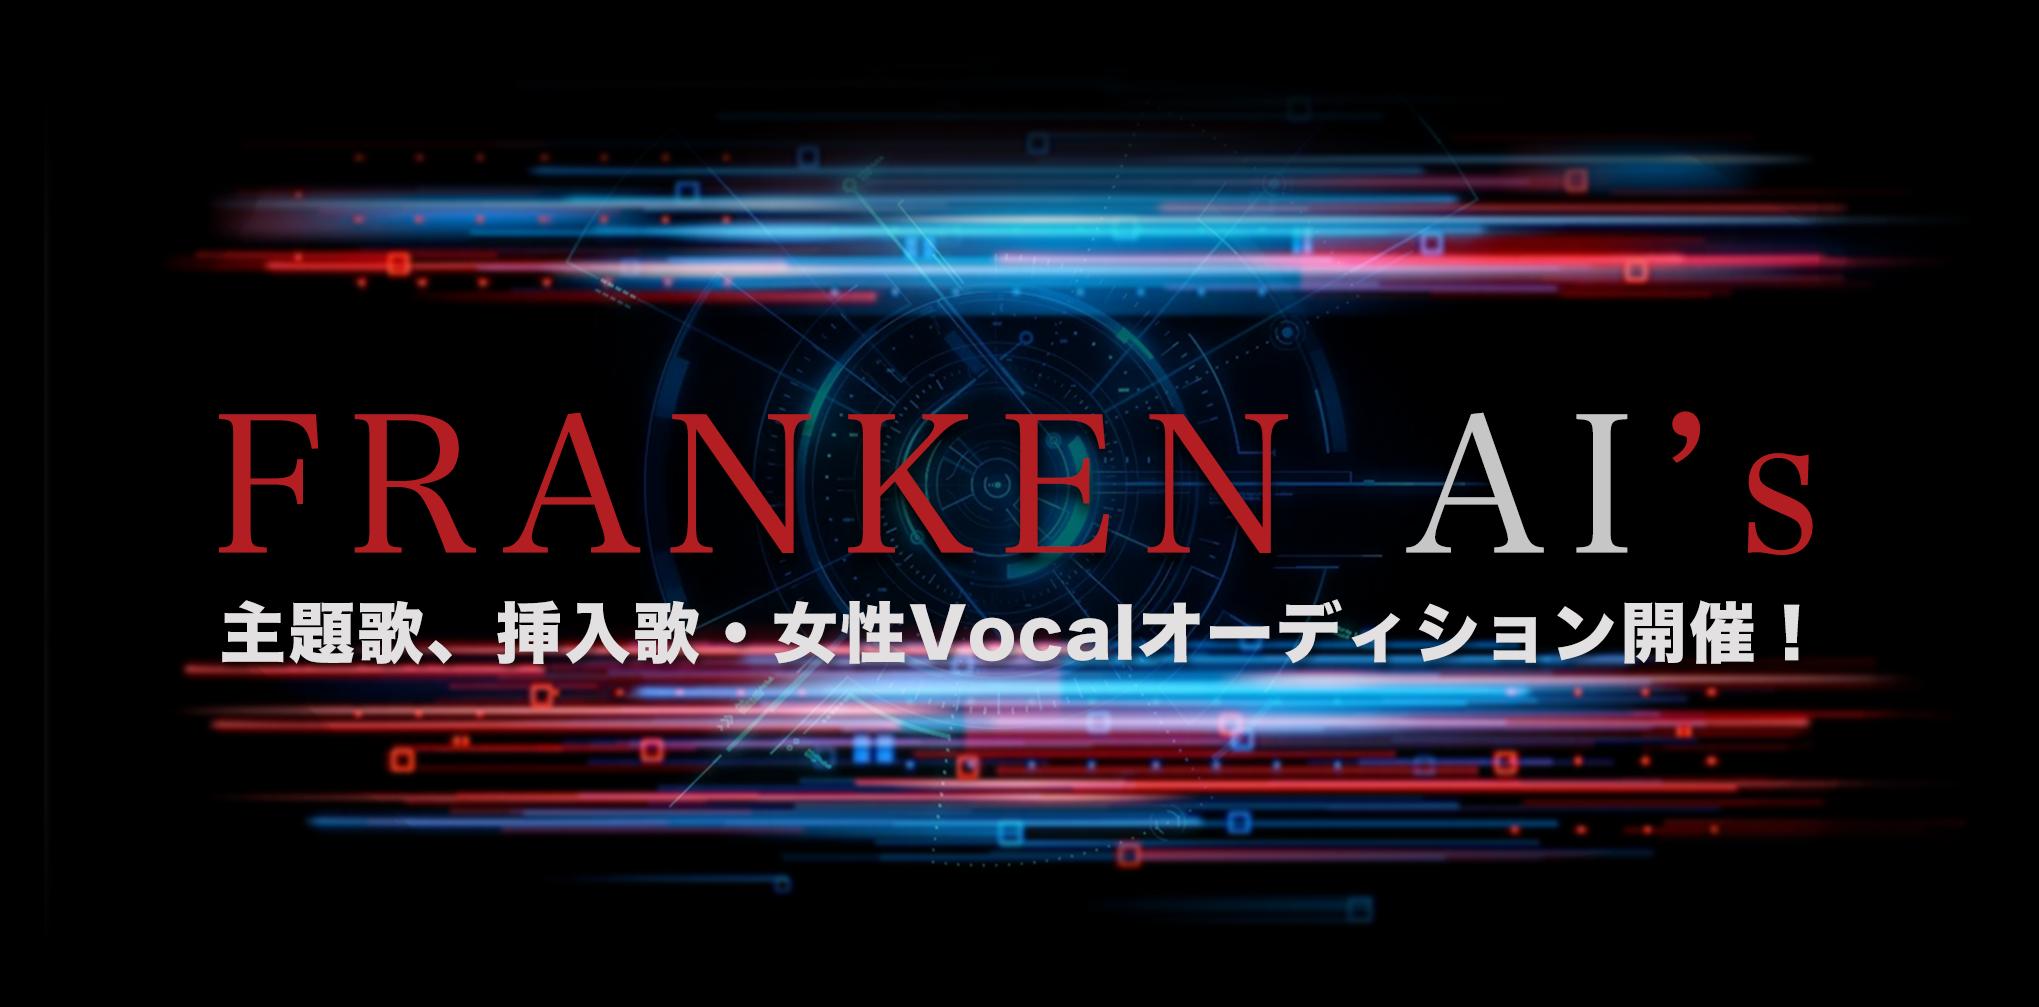 オーディション ラジオドラマ「FRANKEN AI's」主題歌 女性歌手オーディション 採用者は主題歌、挿入歌等をレコーディングします 主催:株式会社アイビジョン、RADIO365、カテゴリ:歌手